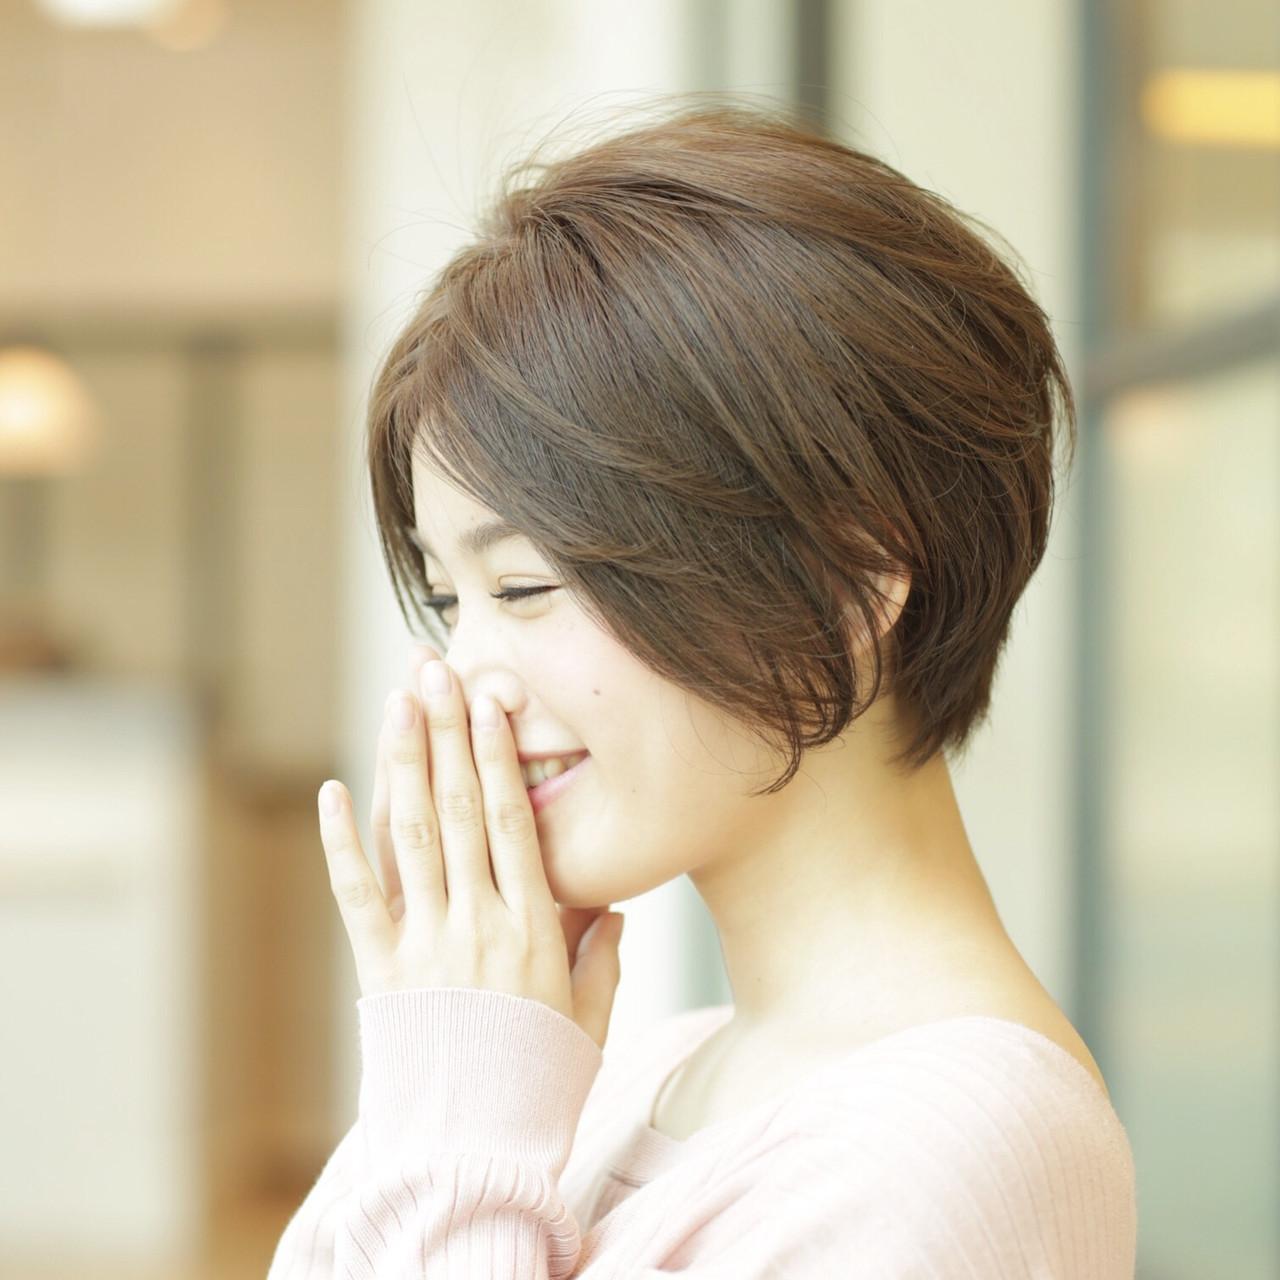 顔型に合わせれば誰でも似合うヘアスタイル 【ショート・ボブが得意☆】石田 康博 VIE代表